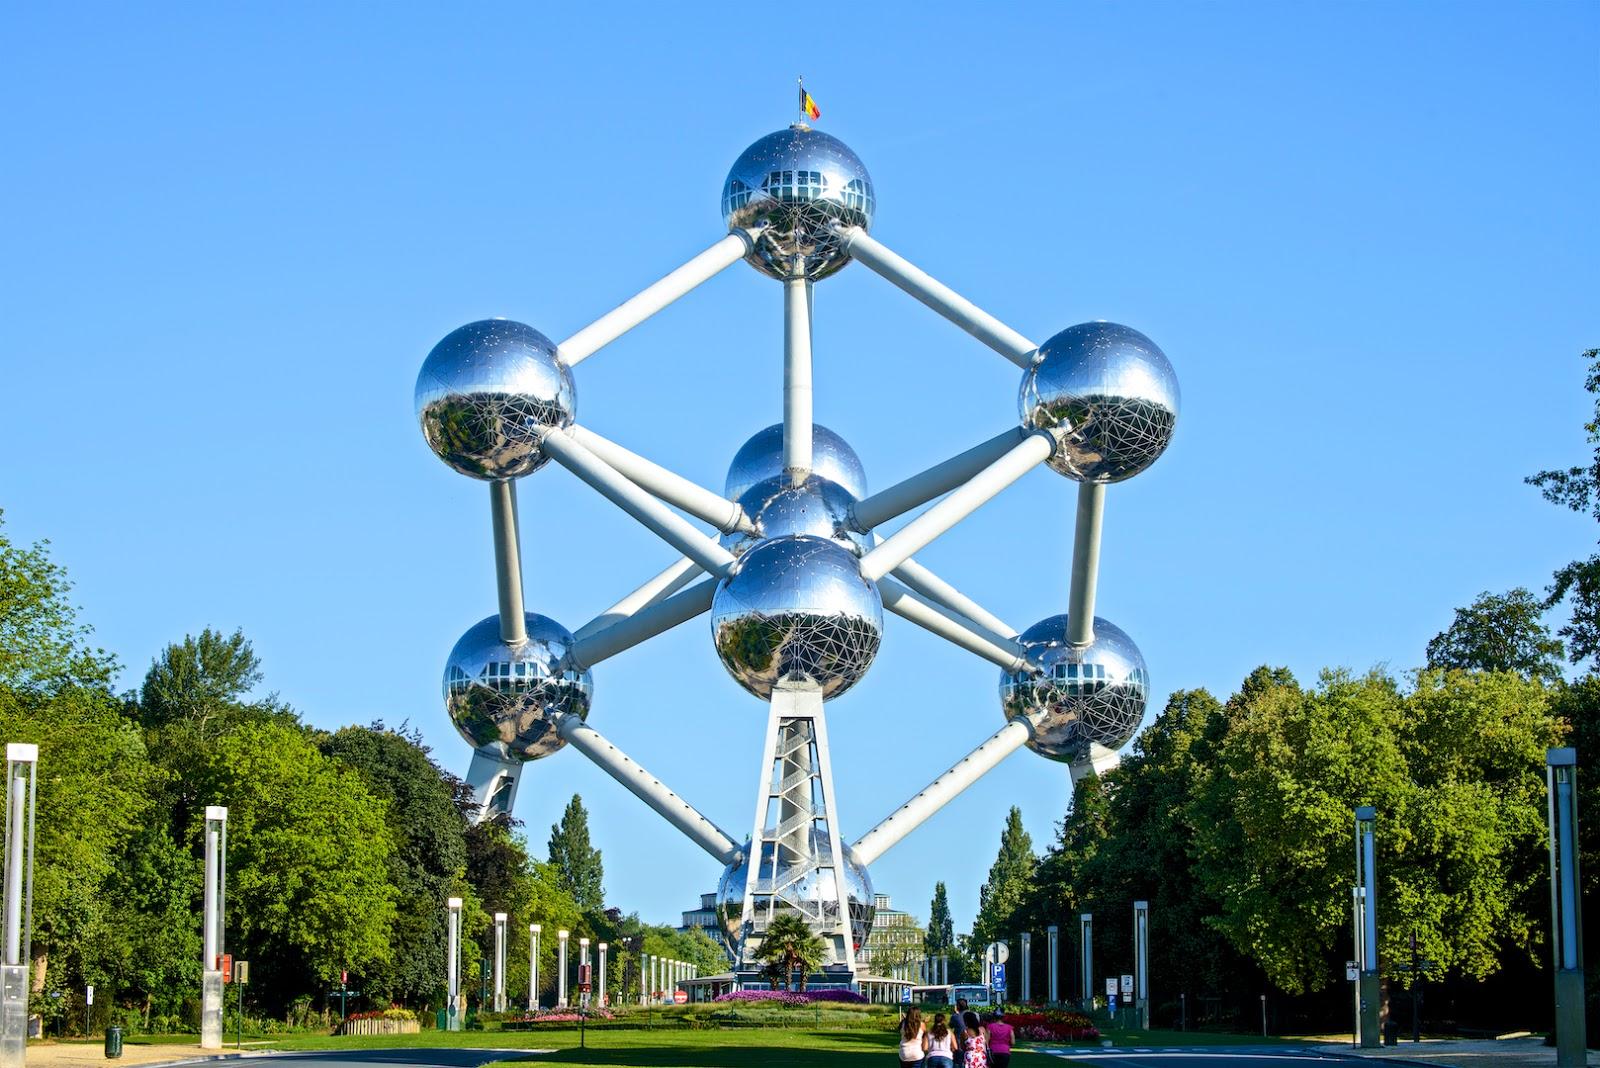 Tempat Yang Wajib Dilawati Bila Ke Belgium, Eropah.